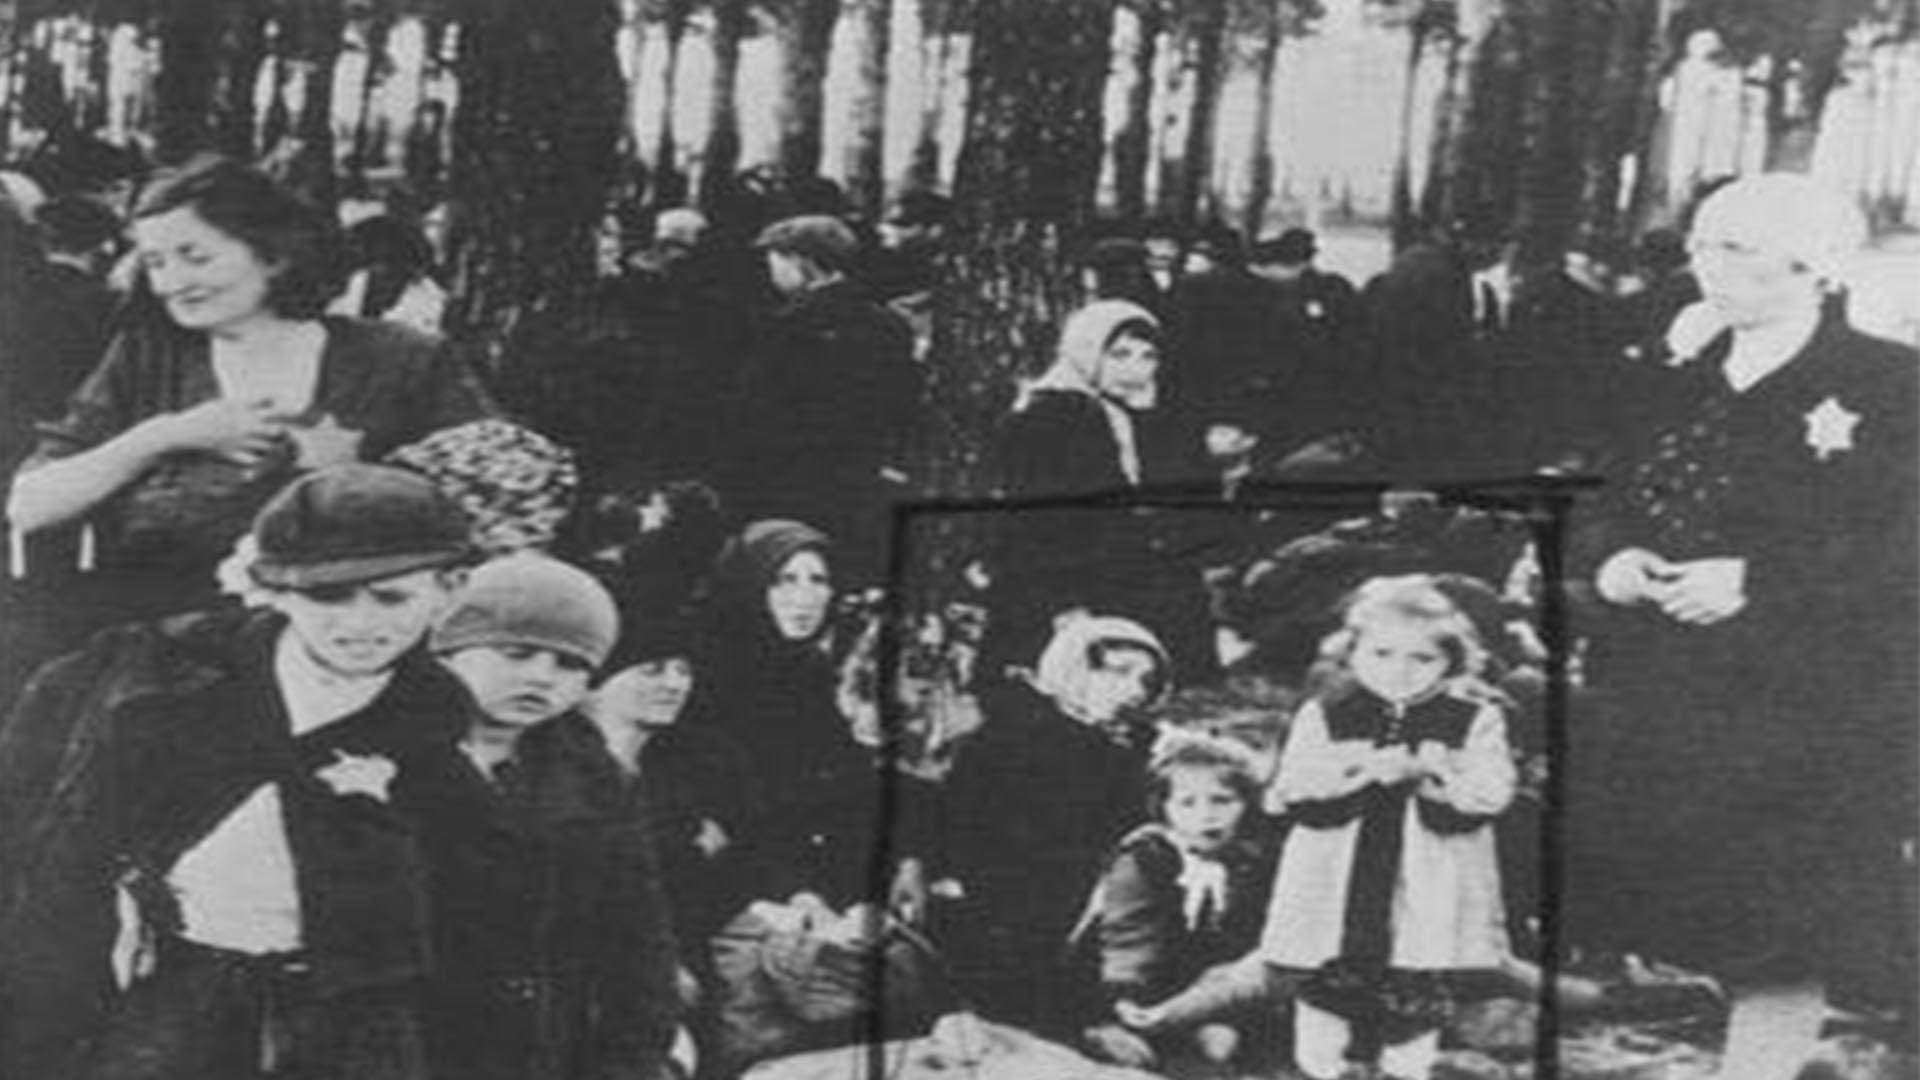 Fueron llevados al bosque para ser fusilados (Foto: Archivo Walter Von Reichenau)